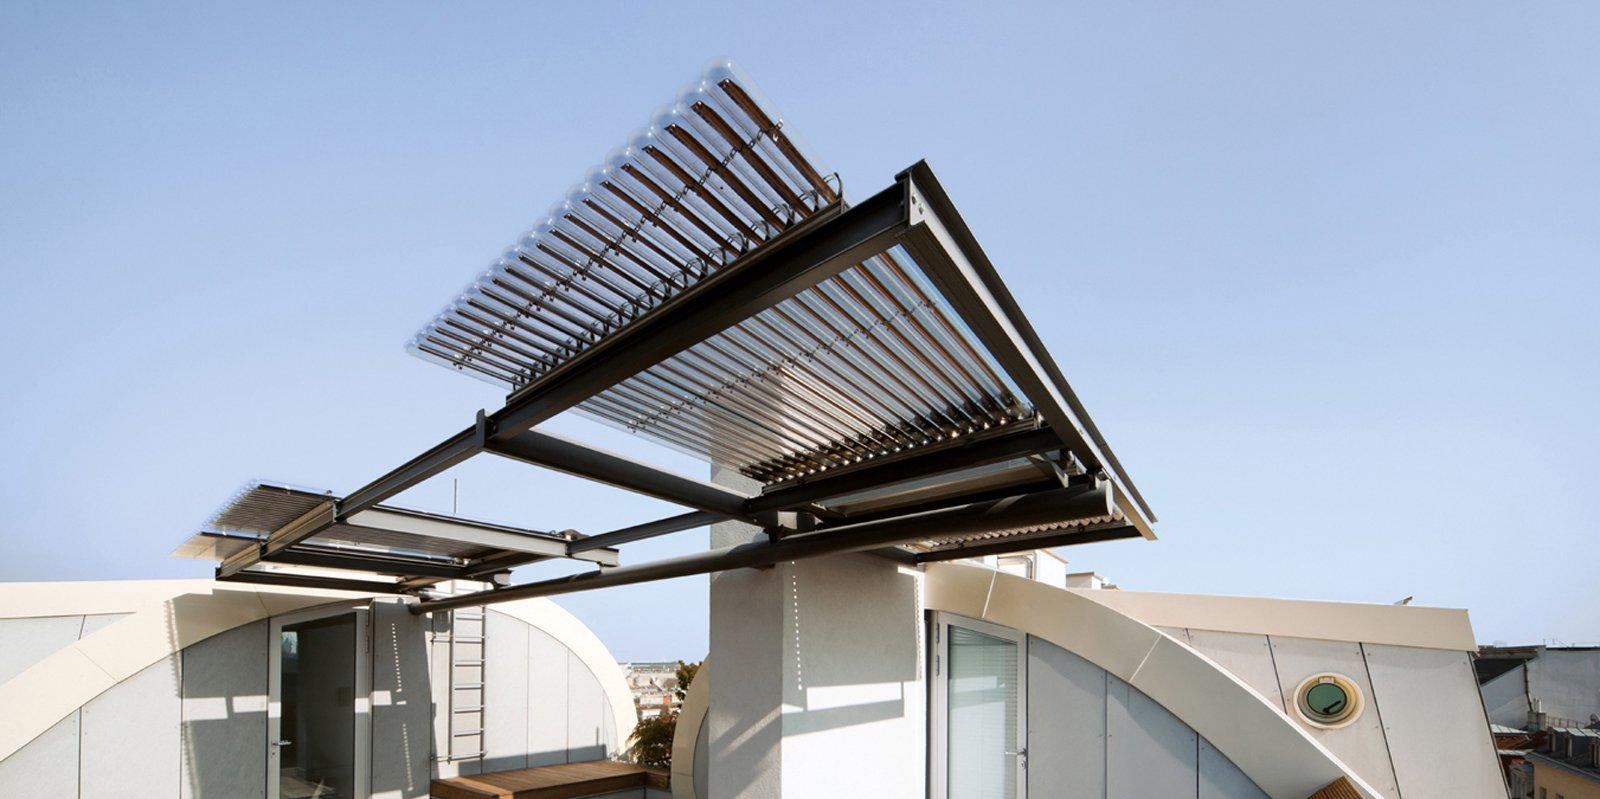 Pannelli solari termici risparmio in bolletta for Case antiche ristrutturate